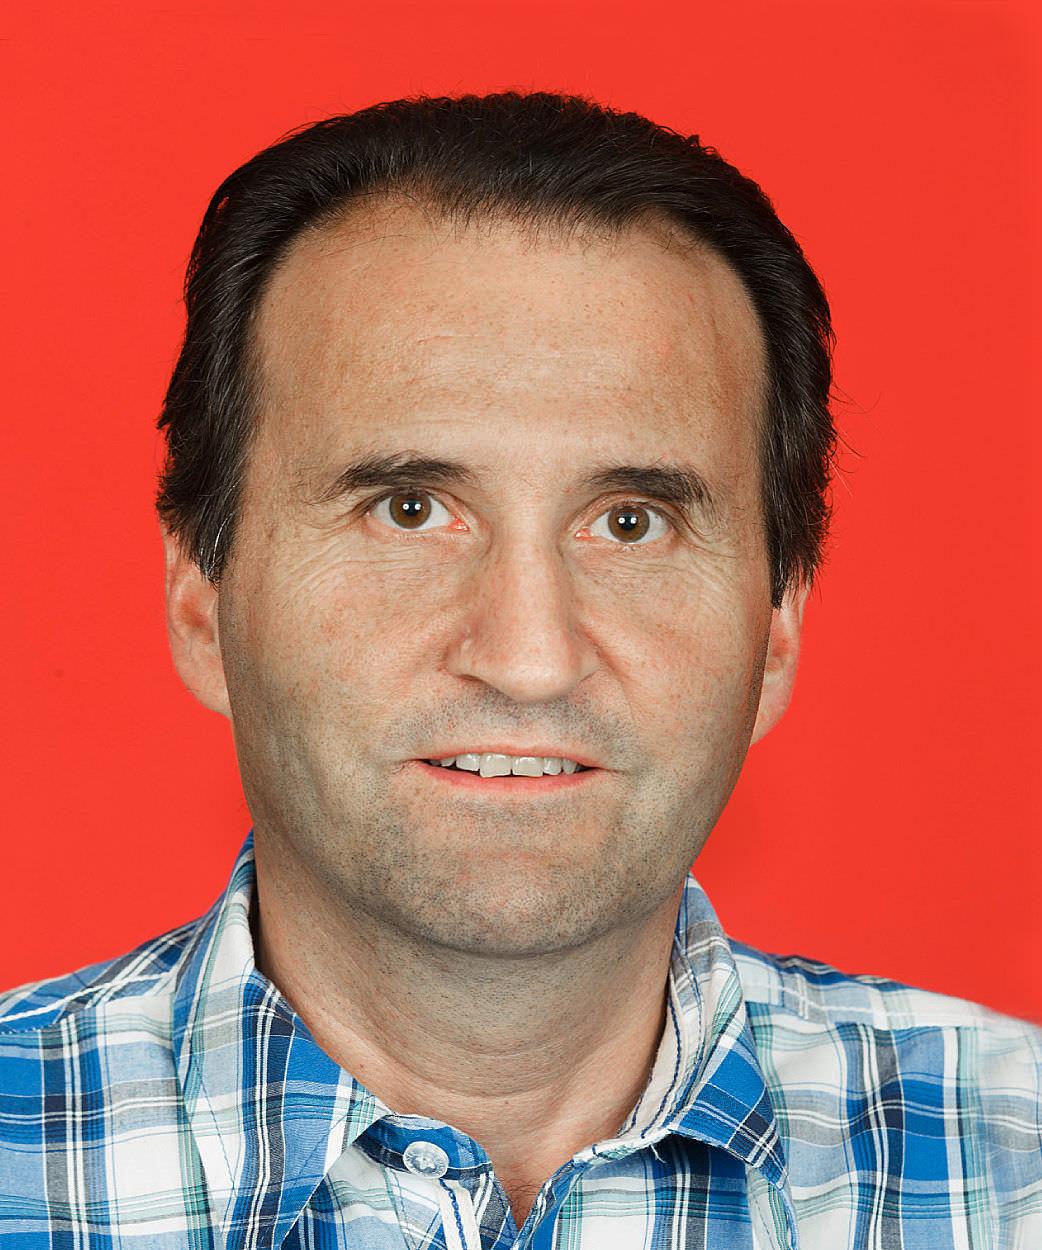 Bruno Stäheli